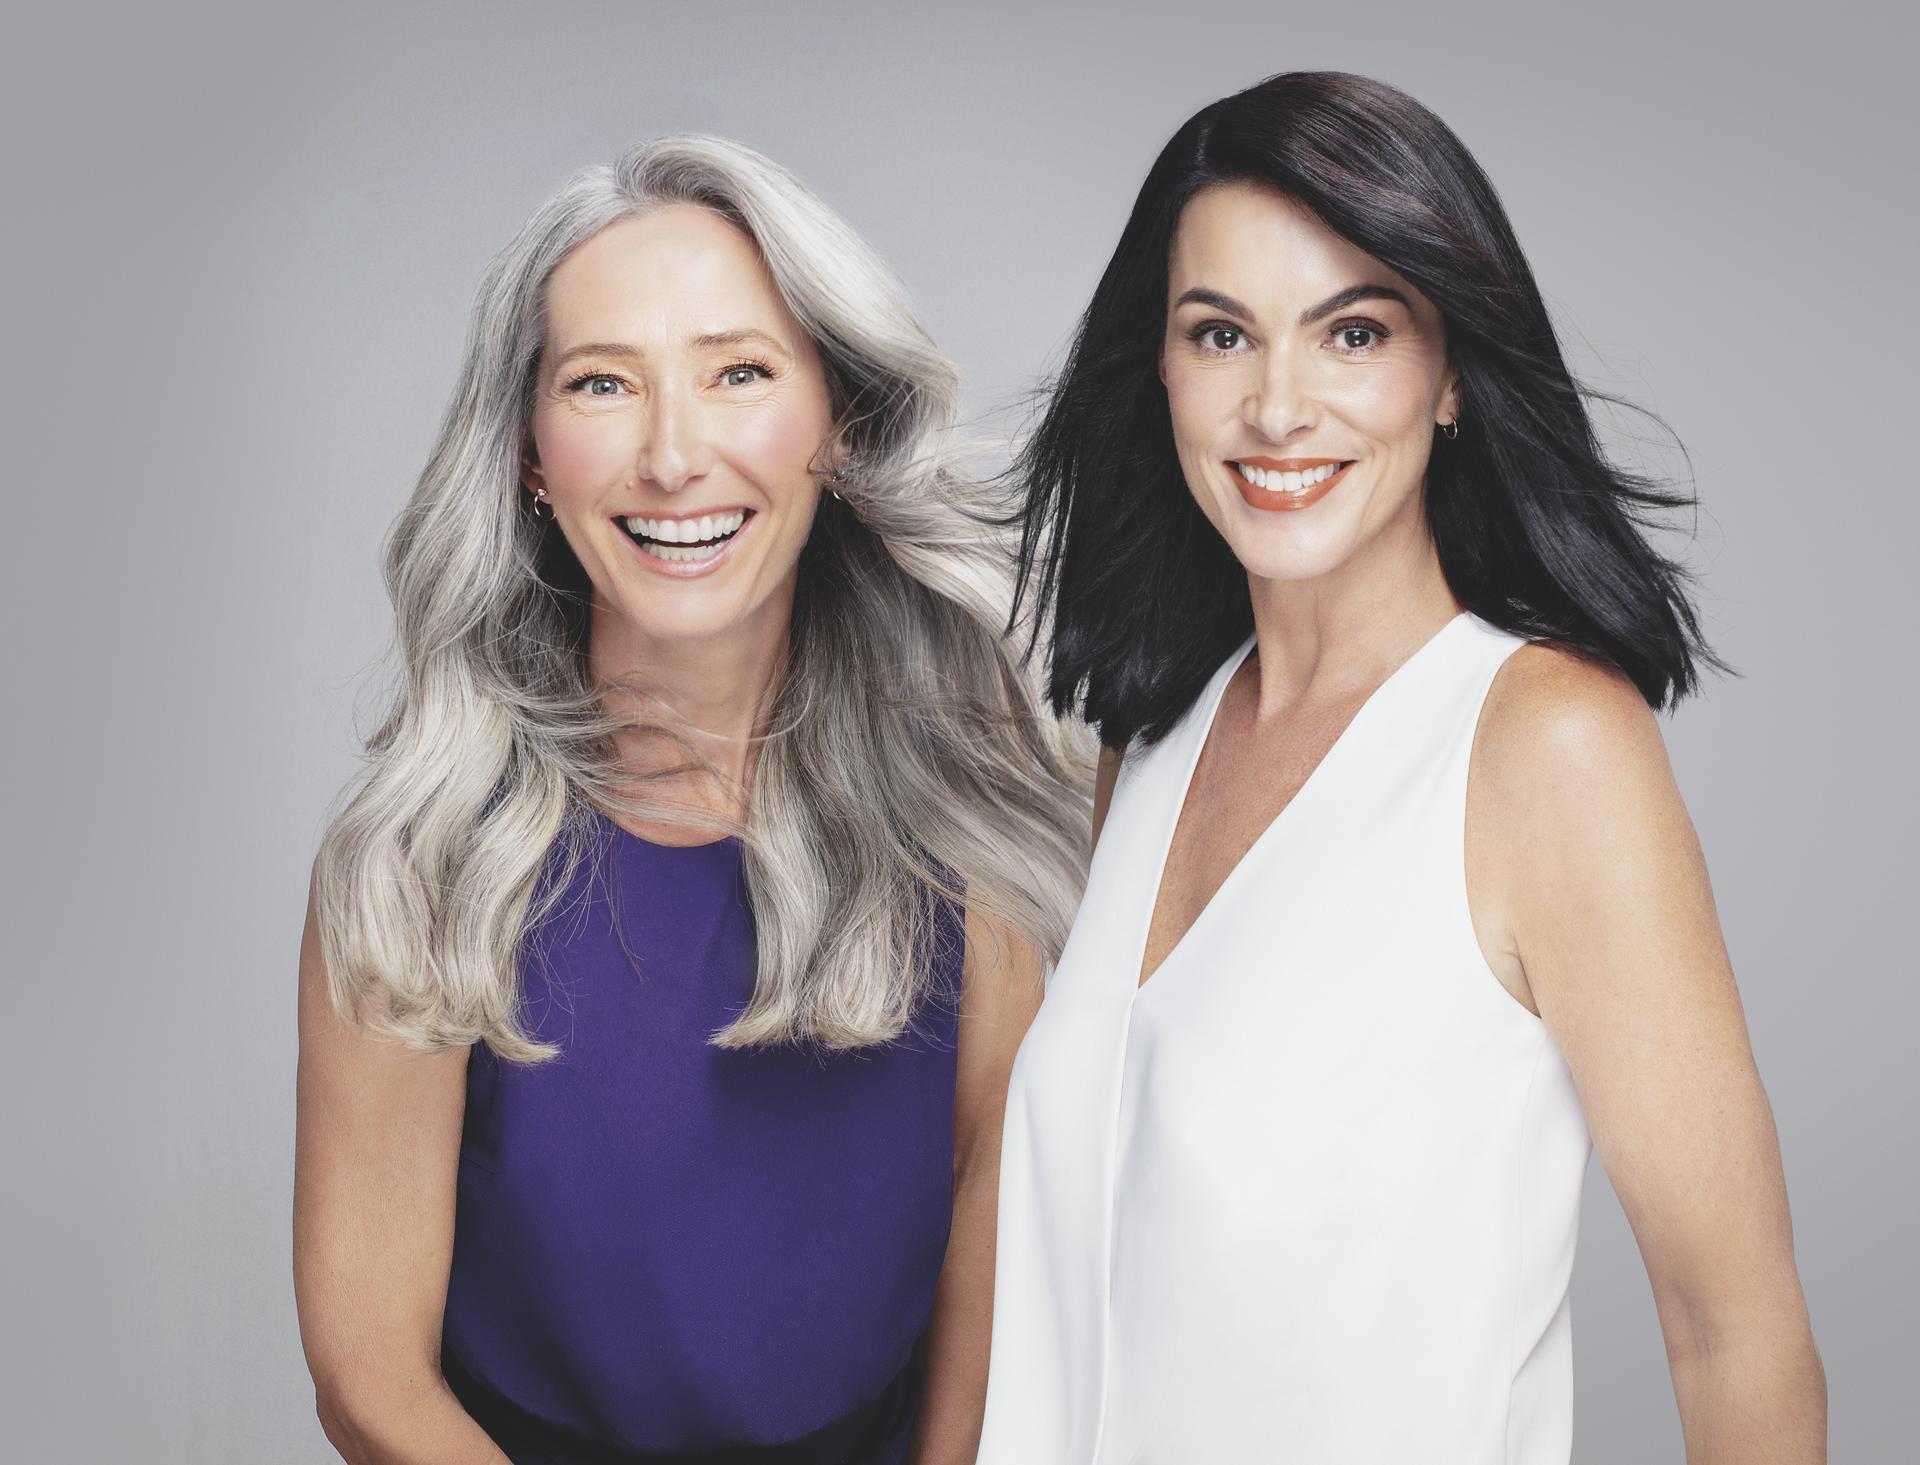 Uma modelo à esquerda com cabelo branco e uma modelo à direita com cabelos pretos.